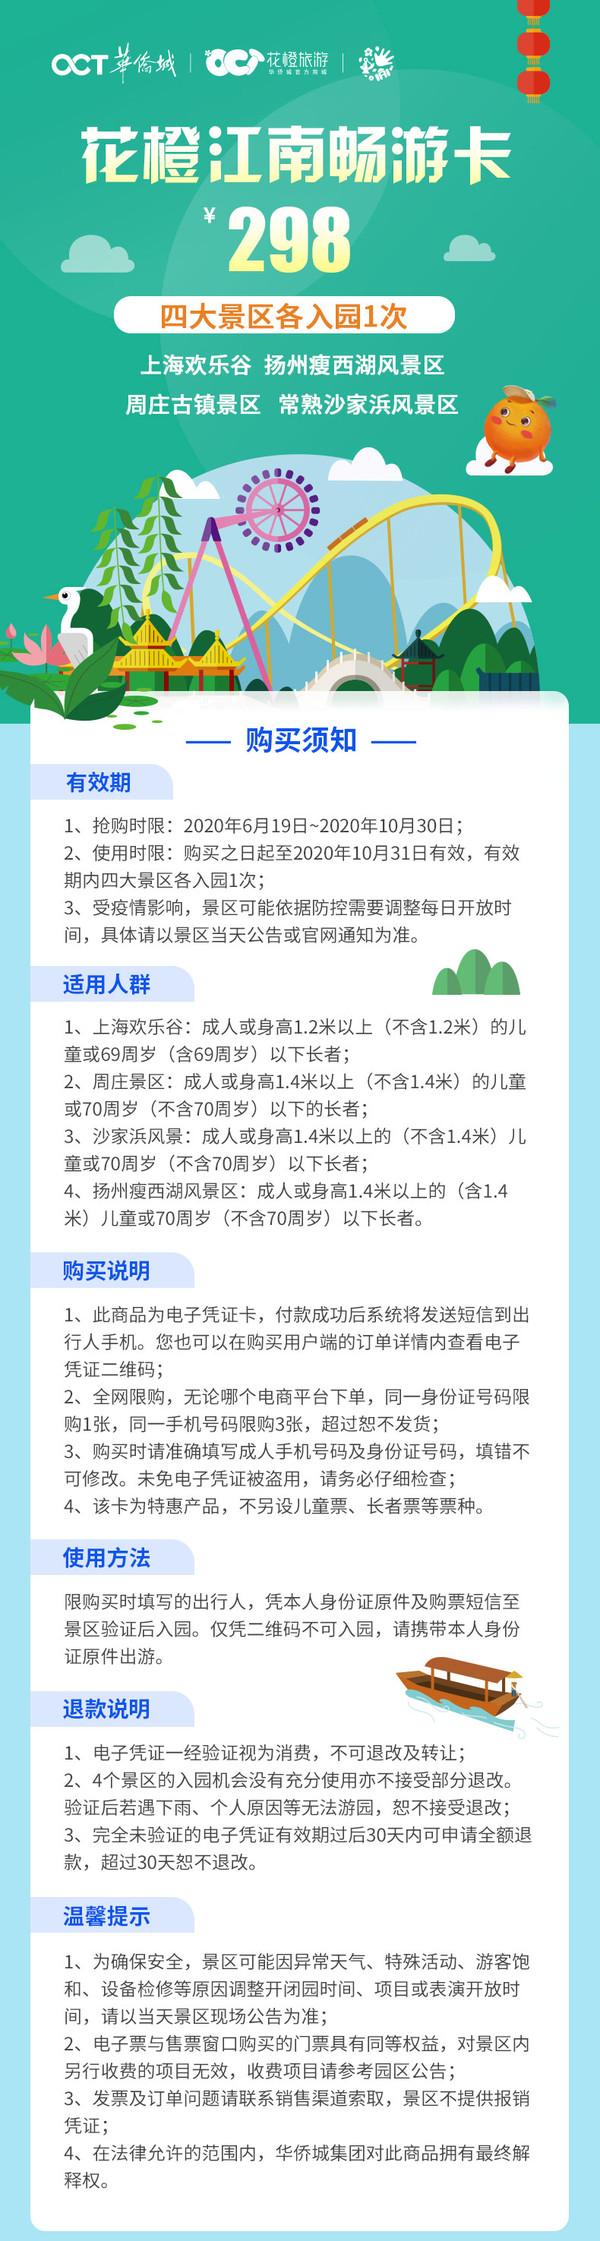 国庆可用!一卡畅玩上海欢乐谷+扬州瘦西湖+周庄古镇+常熟沙家浜风景区各1次